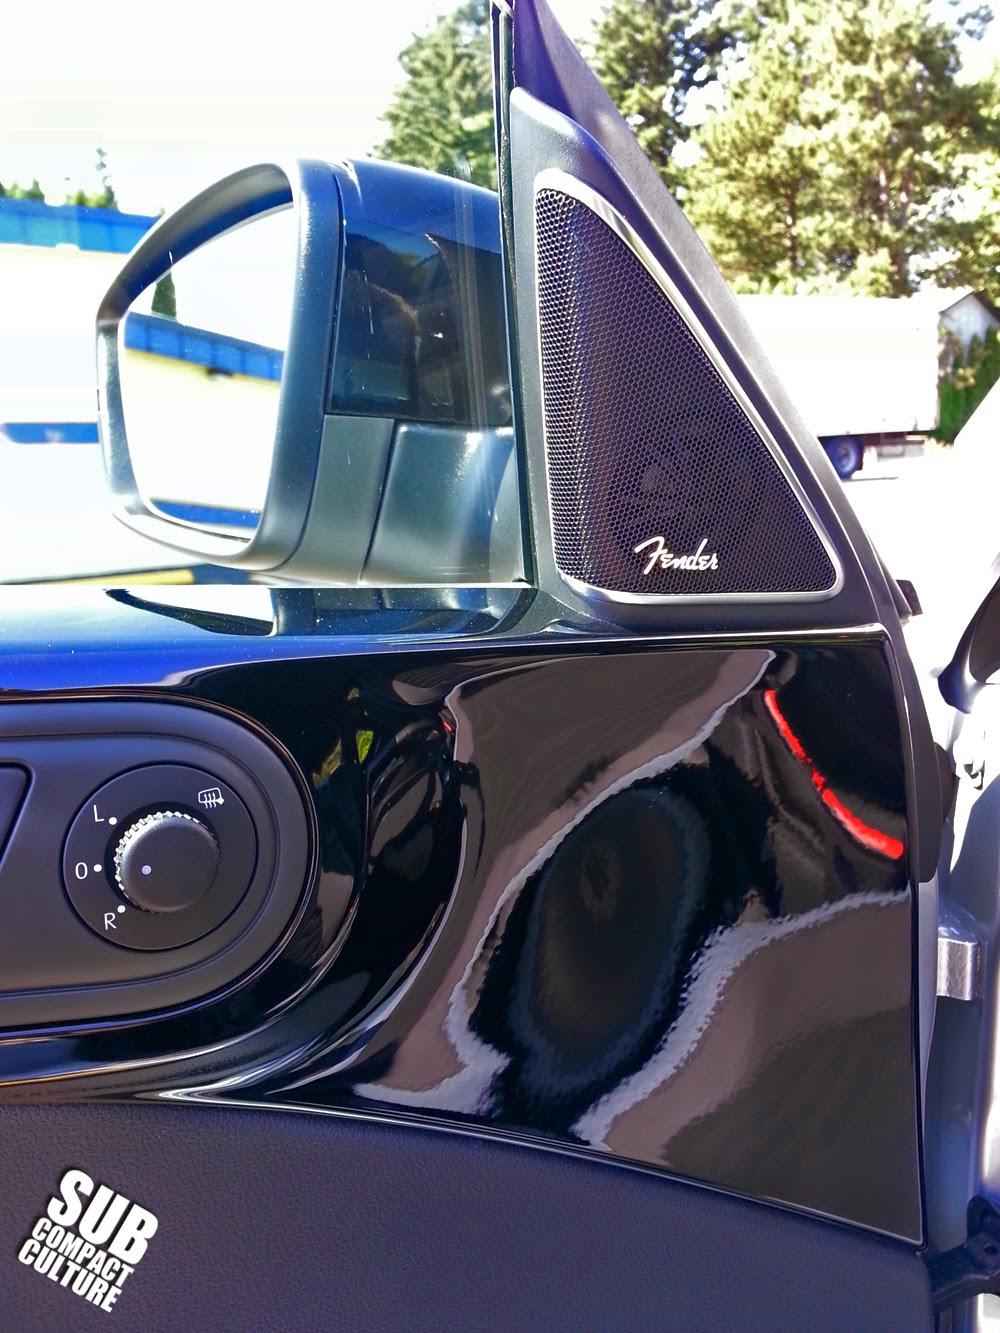 VW Beetle R-Line door with Fender audio speaker